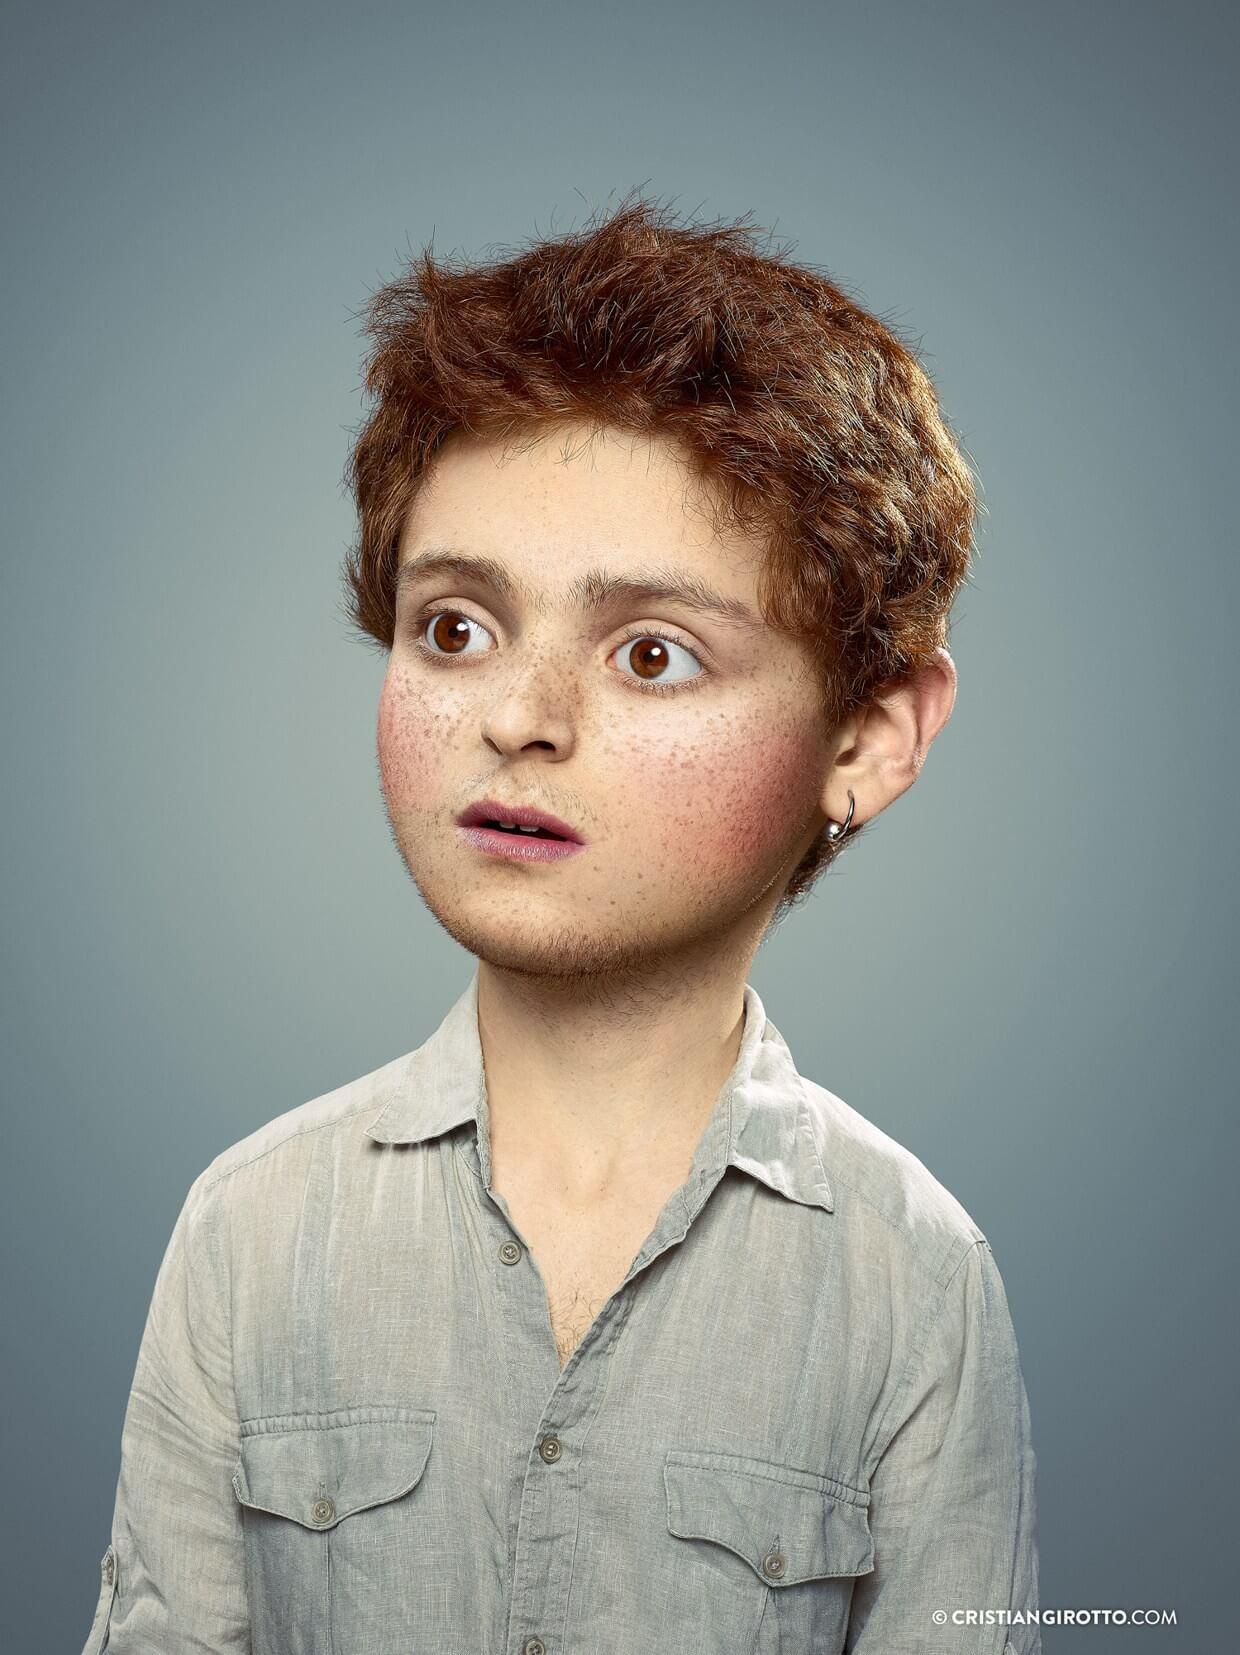 Niño con pecas Cristian Girotto